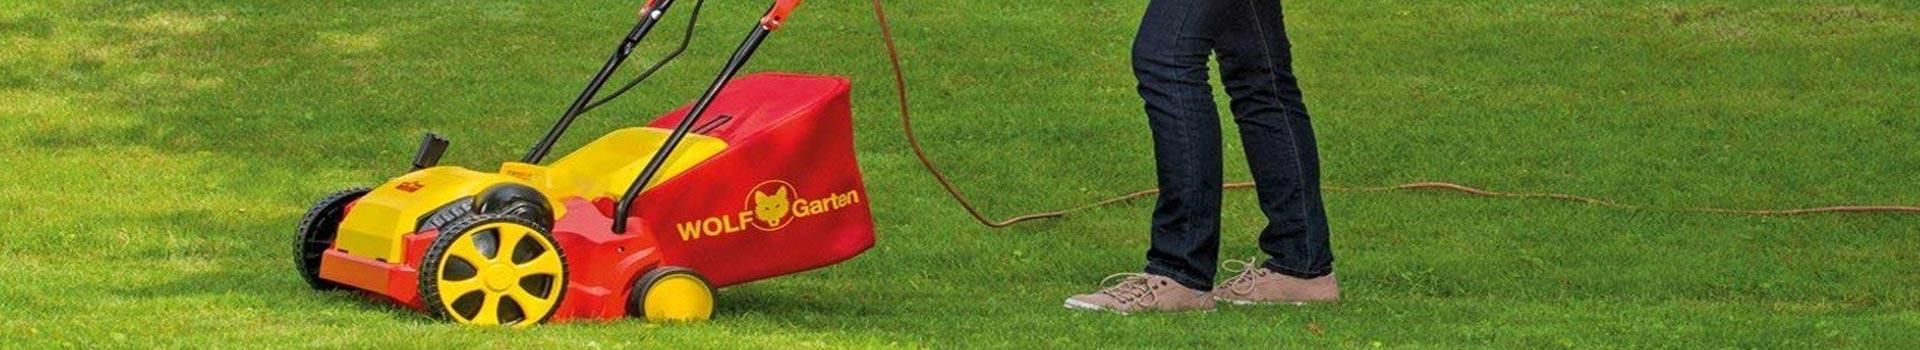 Prodotti per il giardinaggio